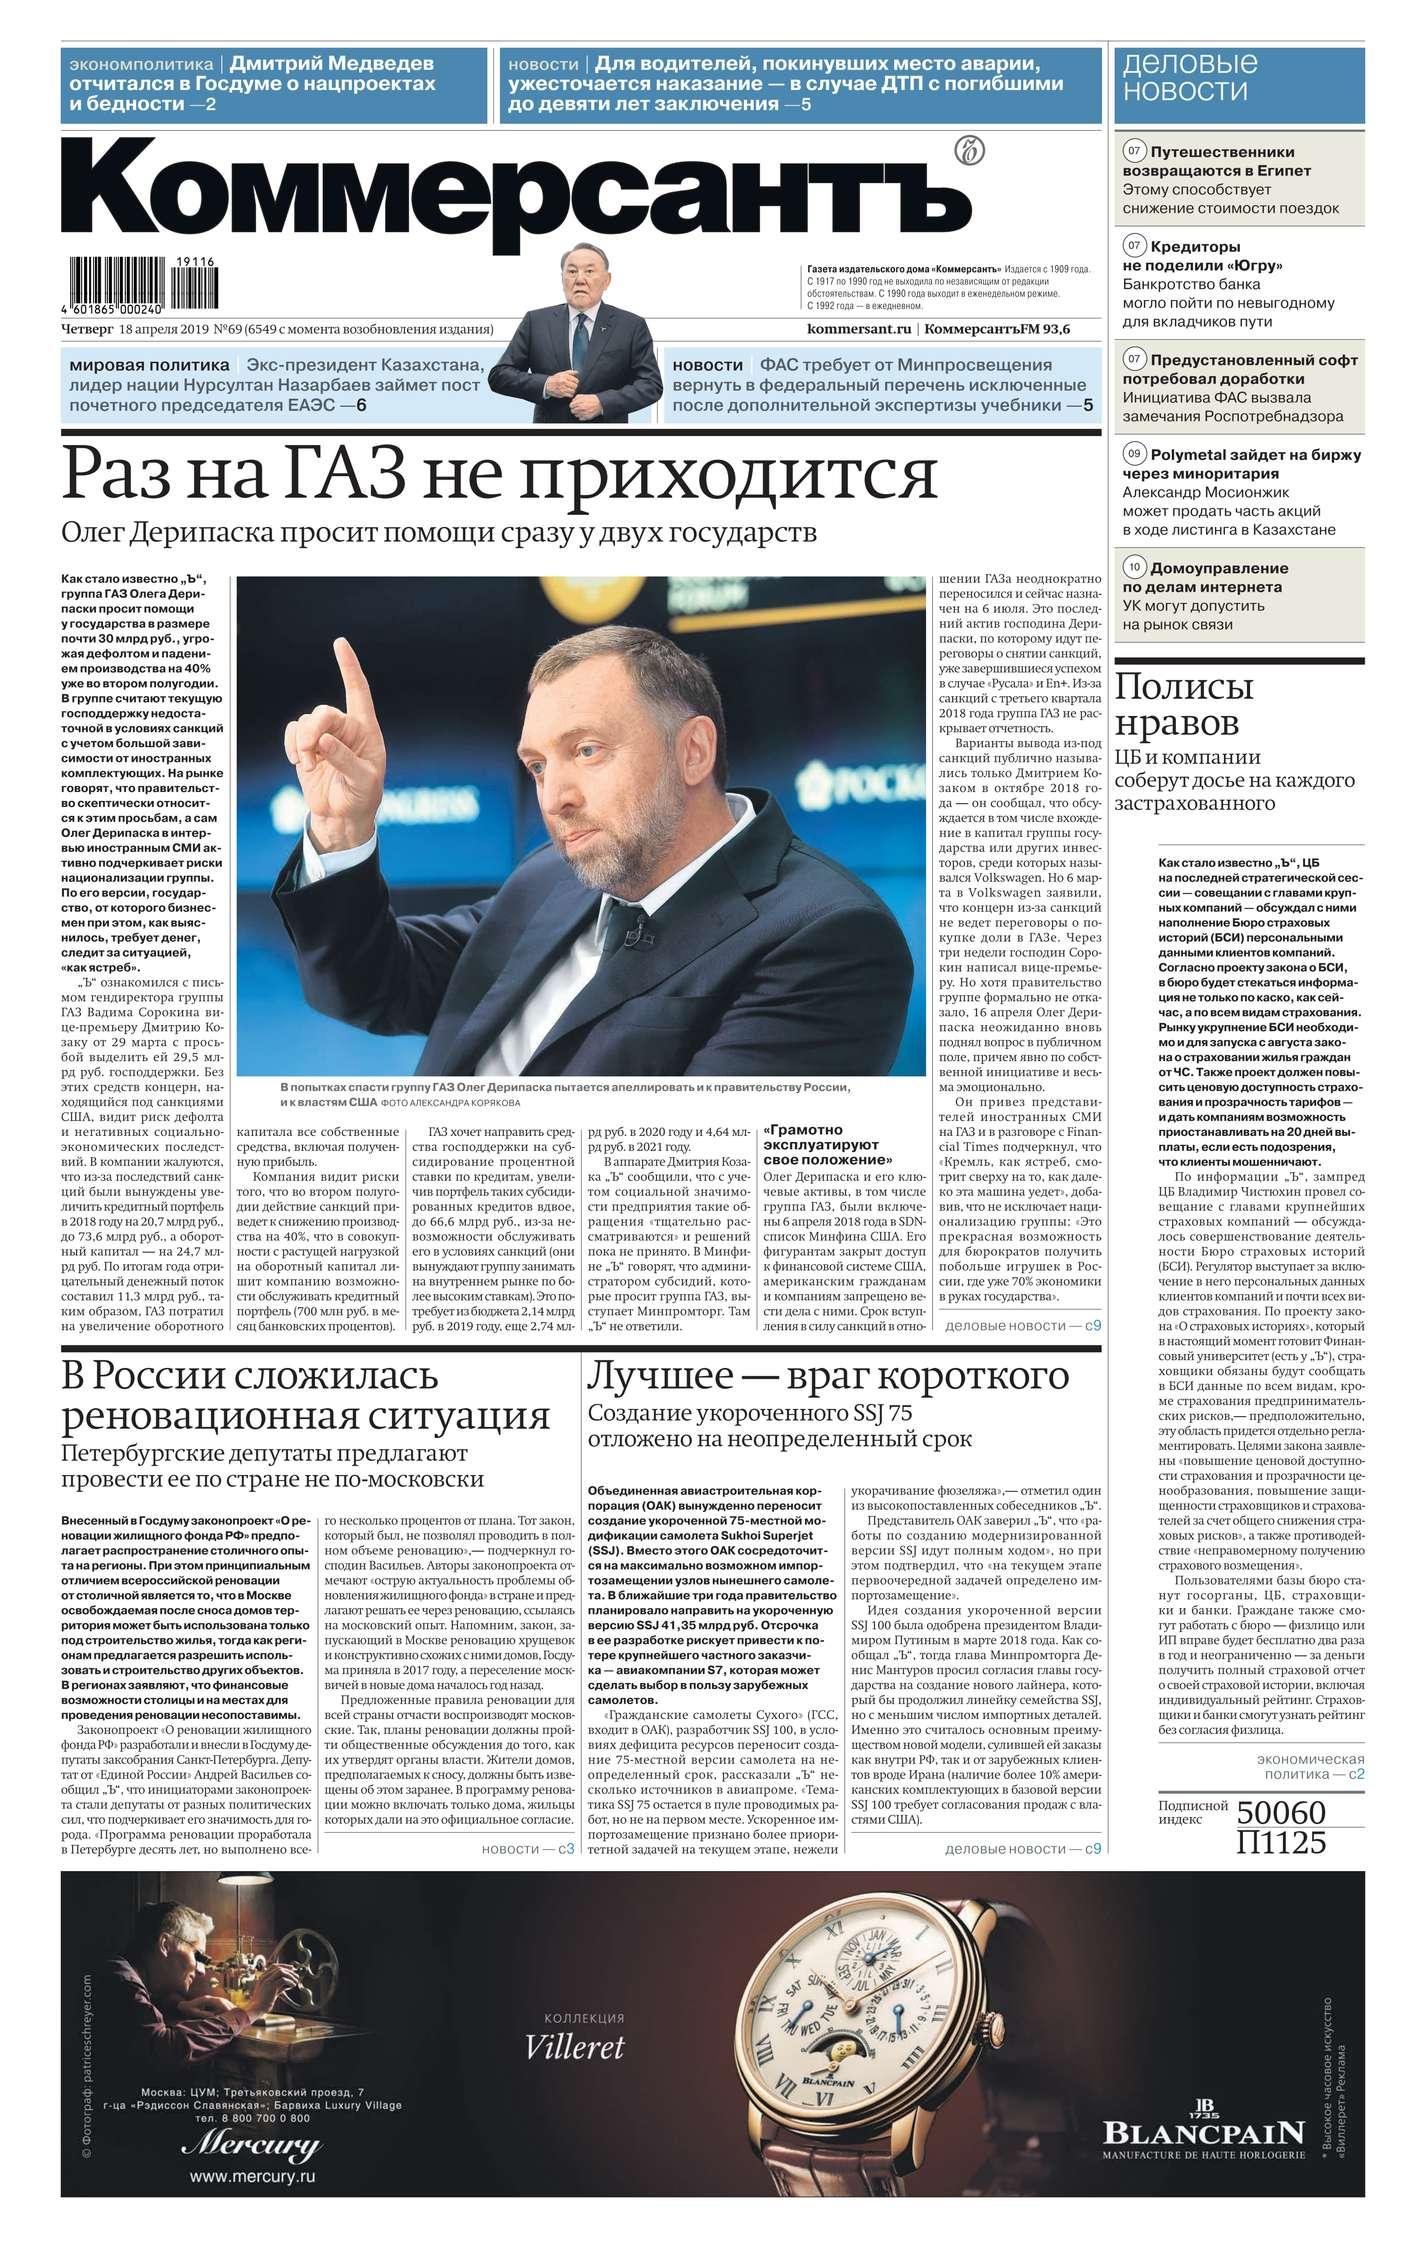 цена на Редакция газеты Коммерсантъ (понедельник-пятница) Коммерсантъ (понедельник-пятница) 69-2019